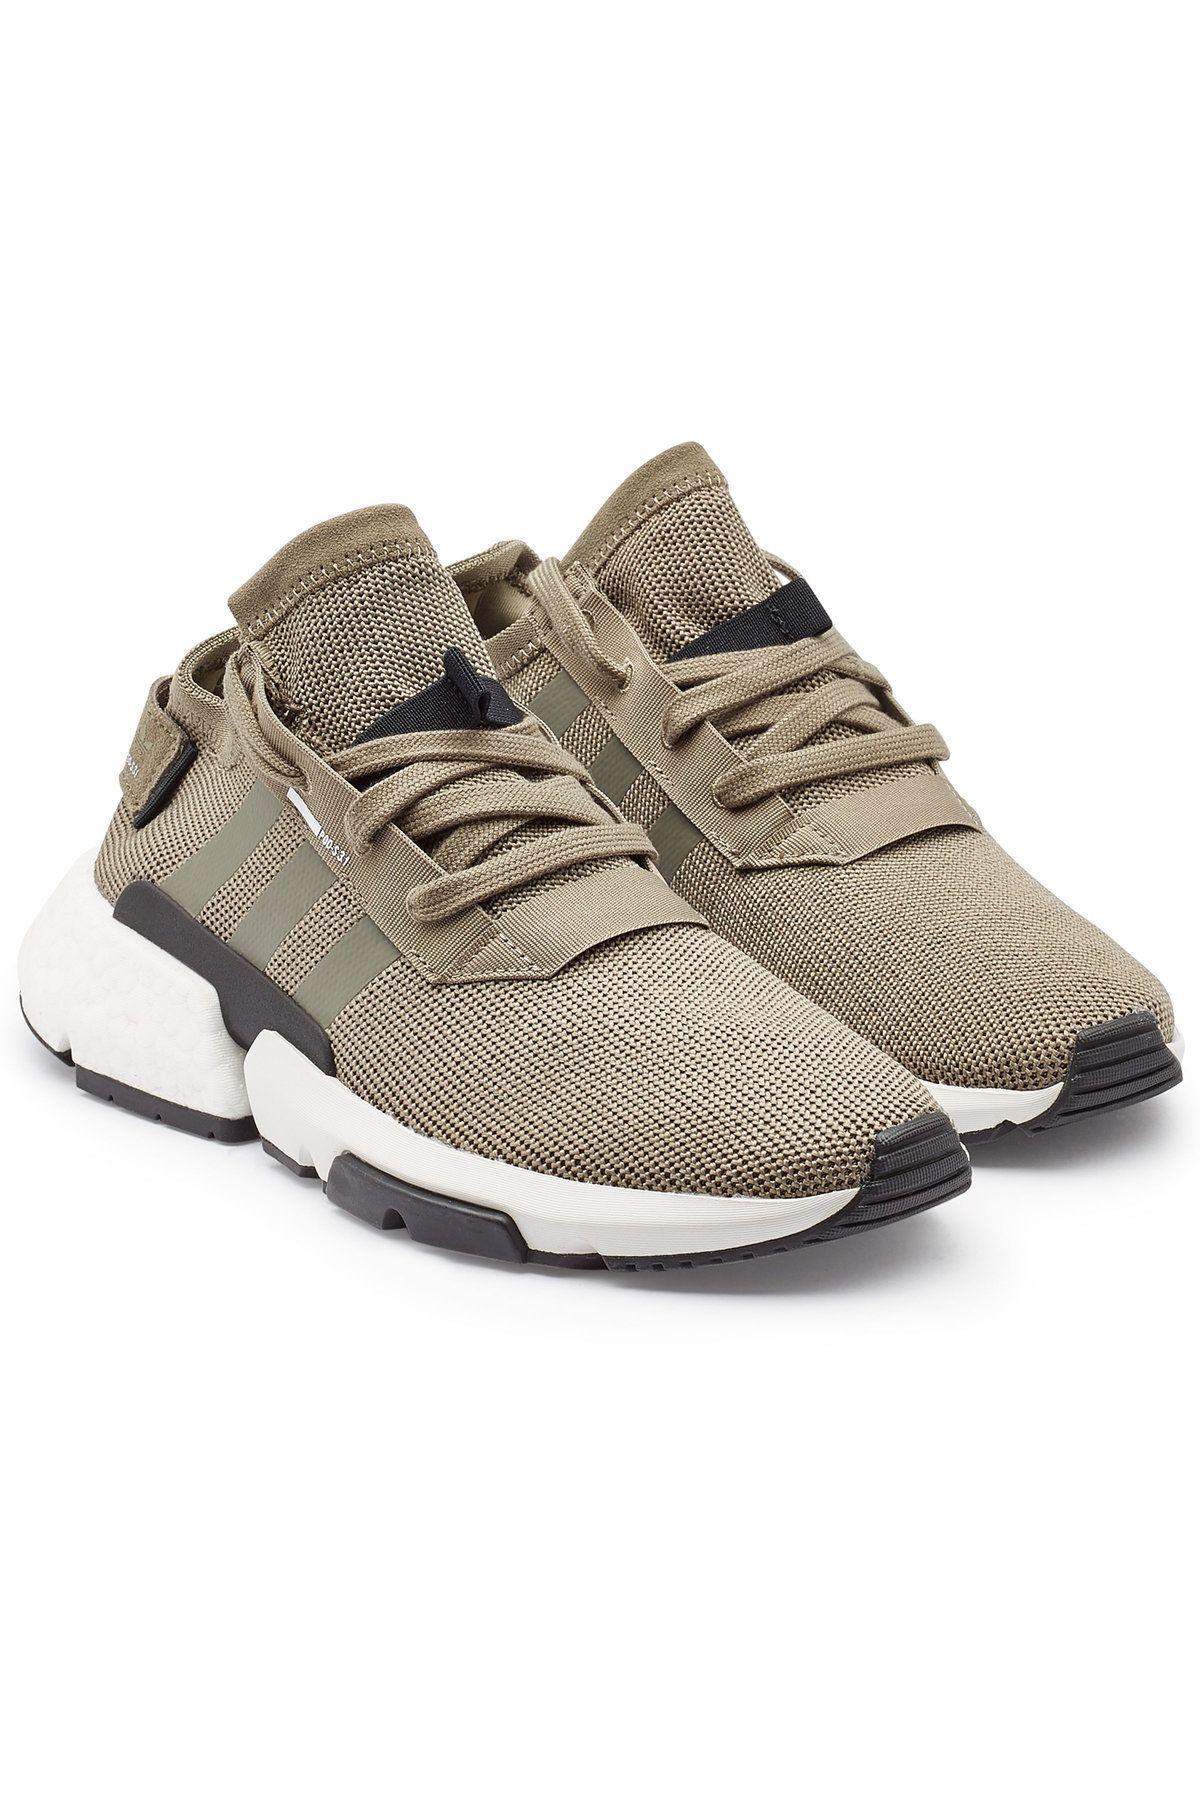 quite nice 2e6b2 d1a5d ADIDAS ORIGINALS POD-S3.1 SNEAKERS.  adidasoriginals  shoes